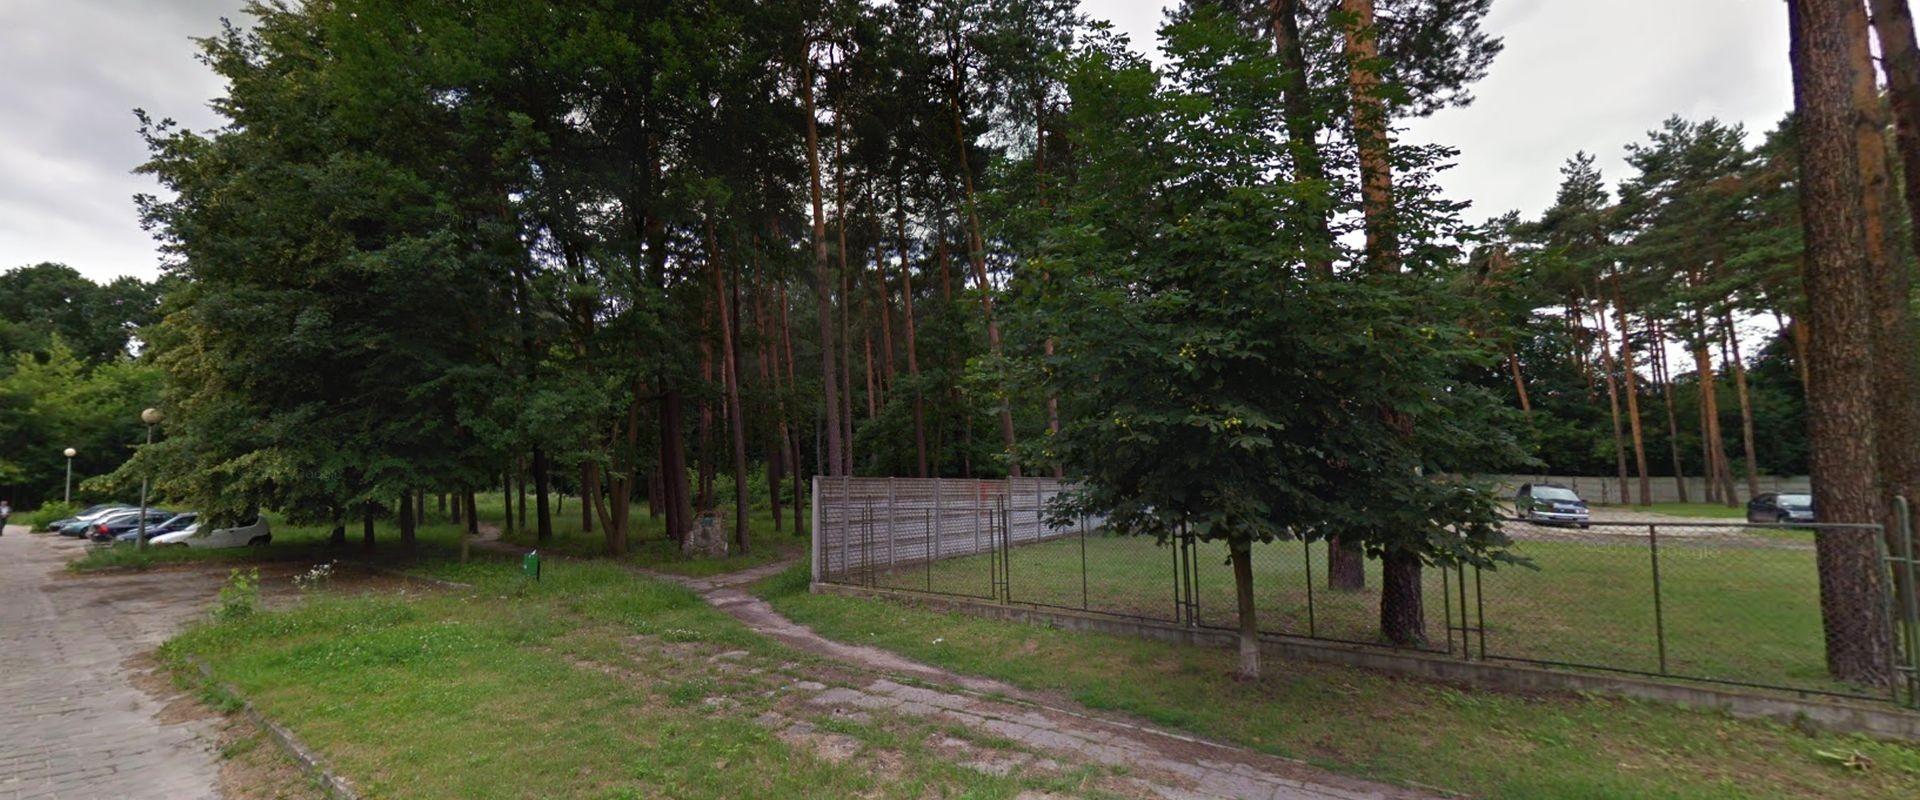 Blok w Mini Parku przy ul. Słowackiego?